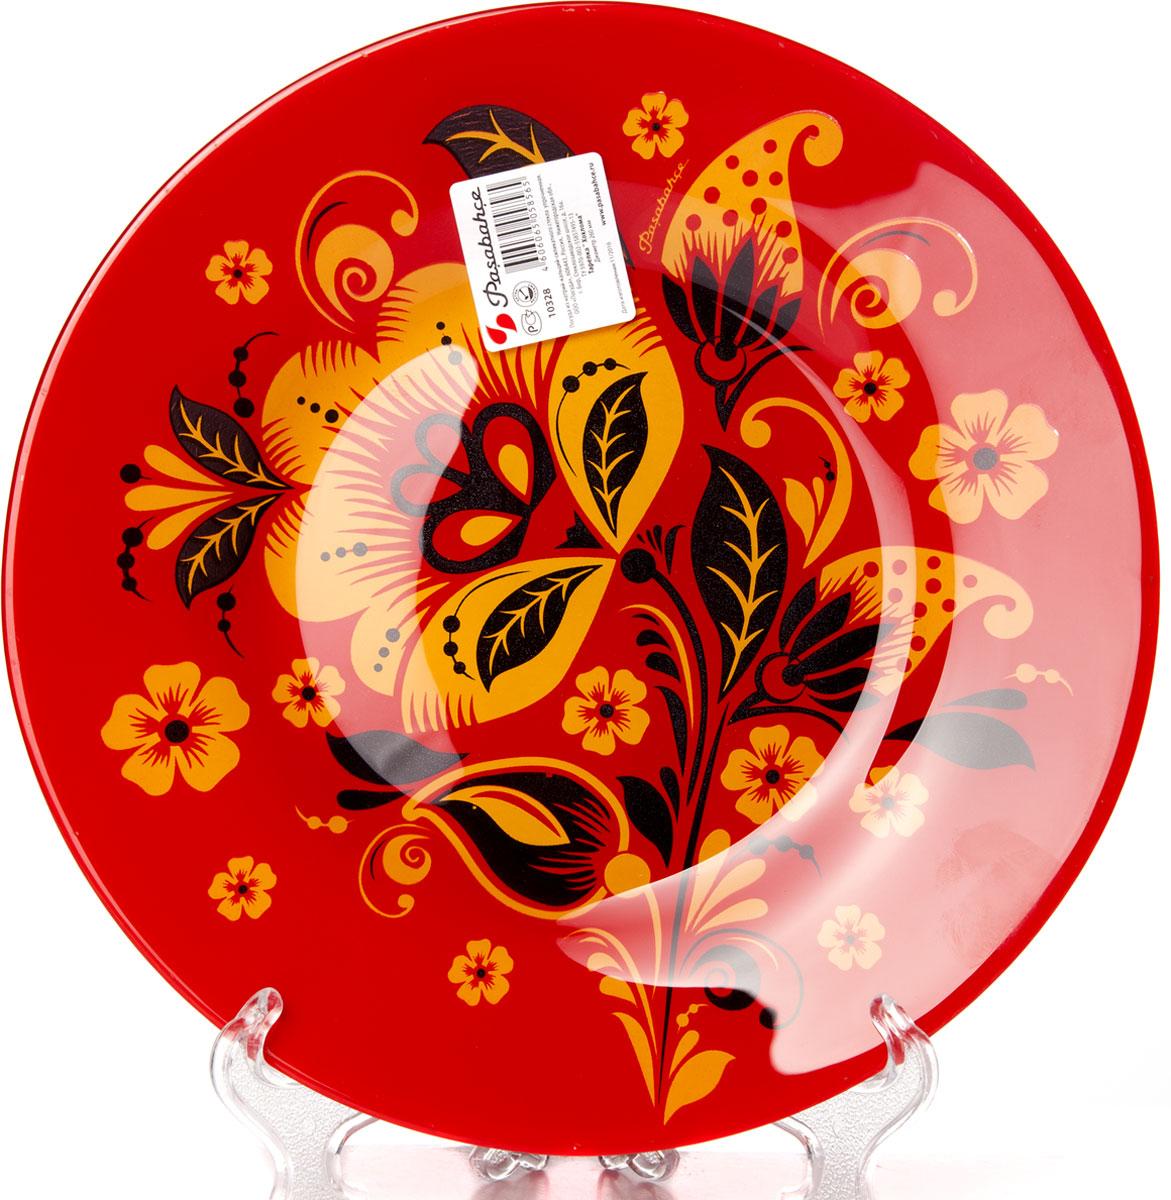 Тарелка Pasabahce Хохлома, диаметр 26 см10328SLBD34Тарелка Pasabahce Хохлома выполнена из качественного стекла и украшена рисунком хохлома. Тарелка прекрасно подойдет в качестве сервировочного блюда для фруктов, десертов, закусок, торта и другого. Изящная тарелка прекрасно оформит праздничный стол и порадует вас и ваших гостей изысканным дизайном и формой.Диаметр тарелки: 26 см.